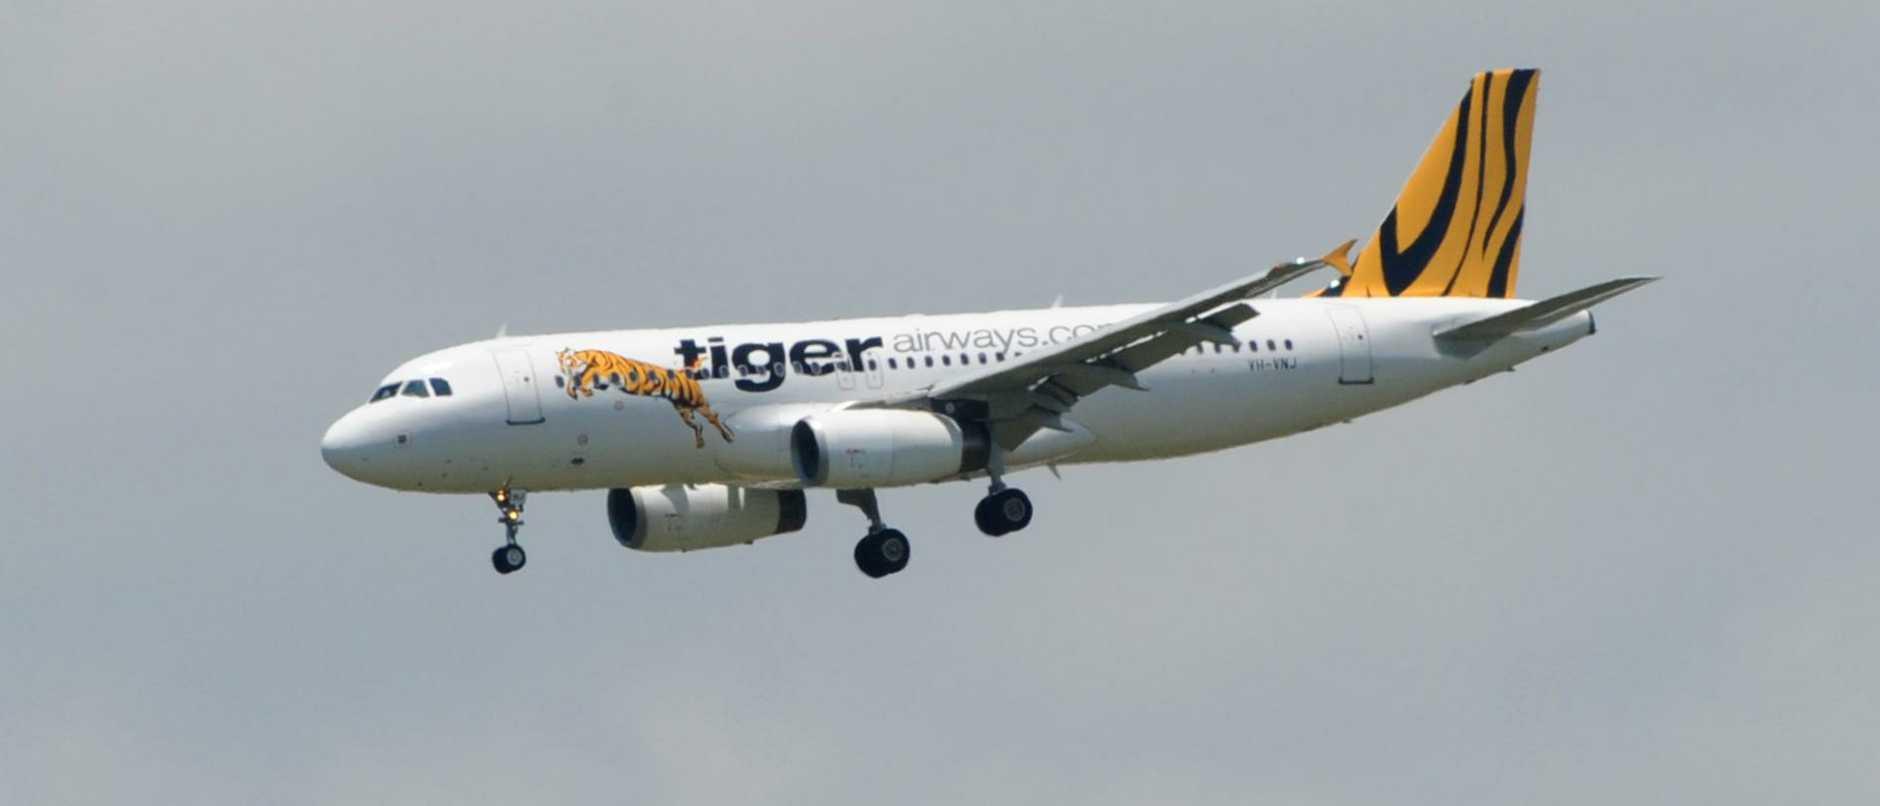 Tiger TGW585